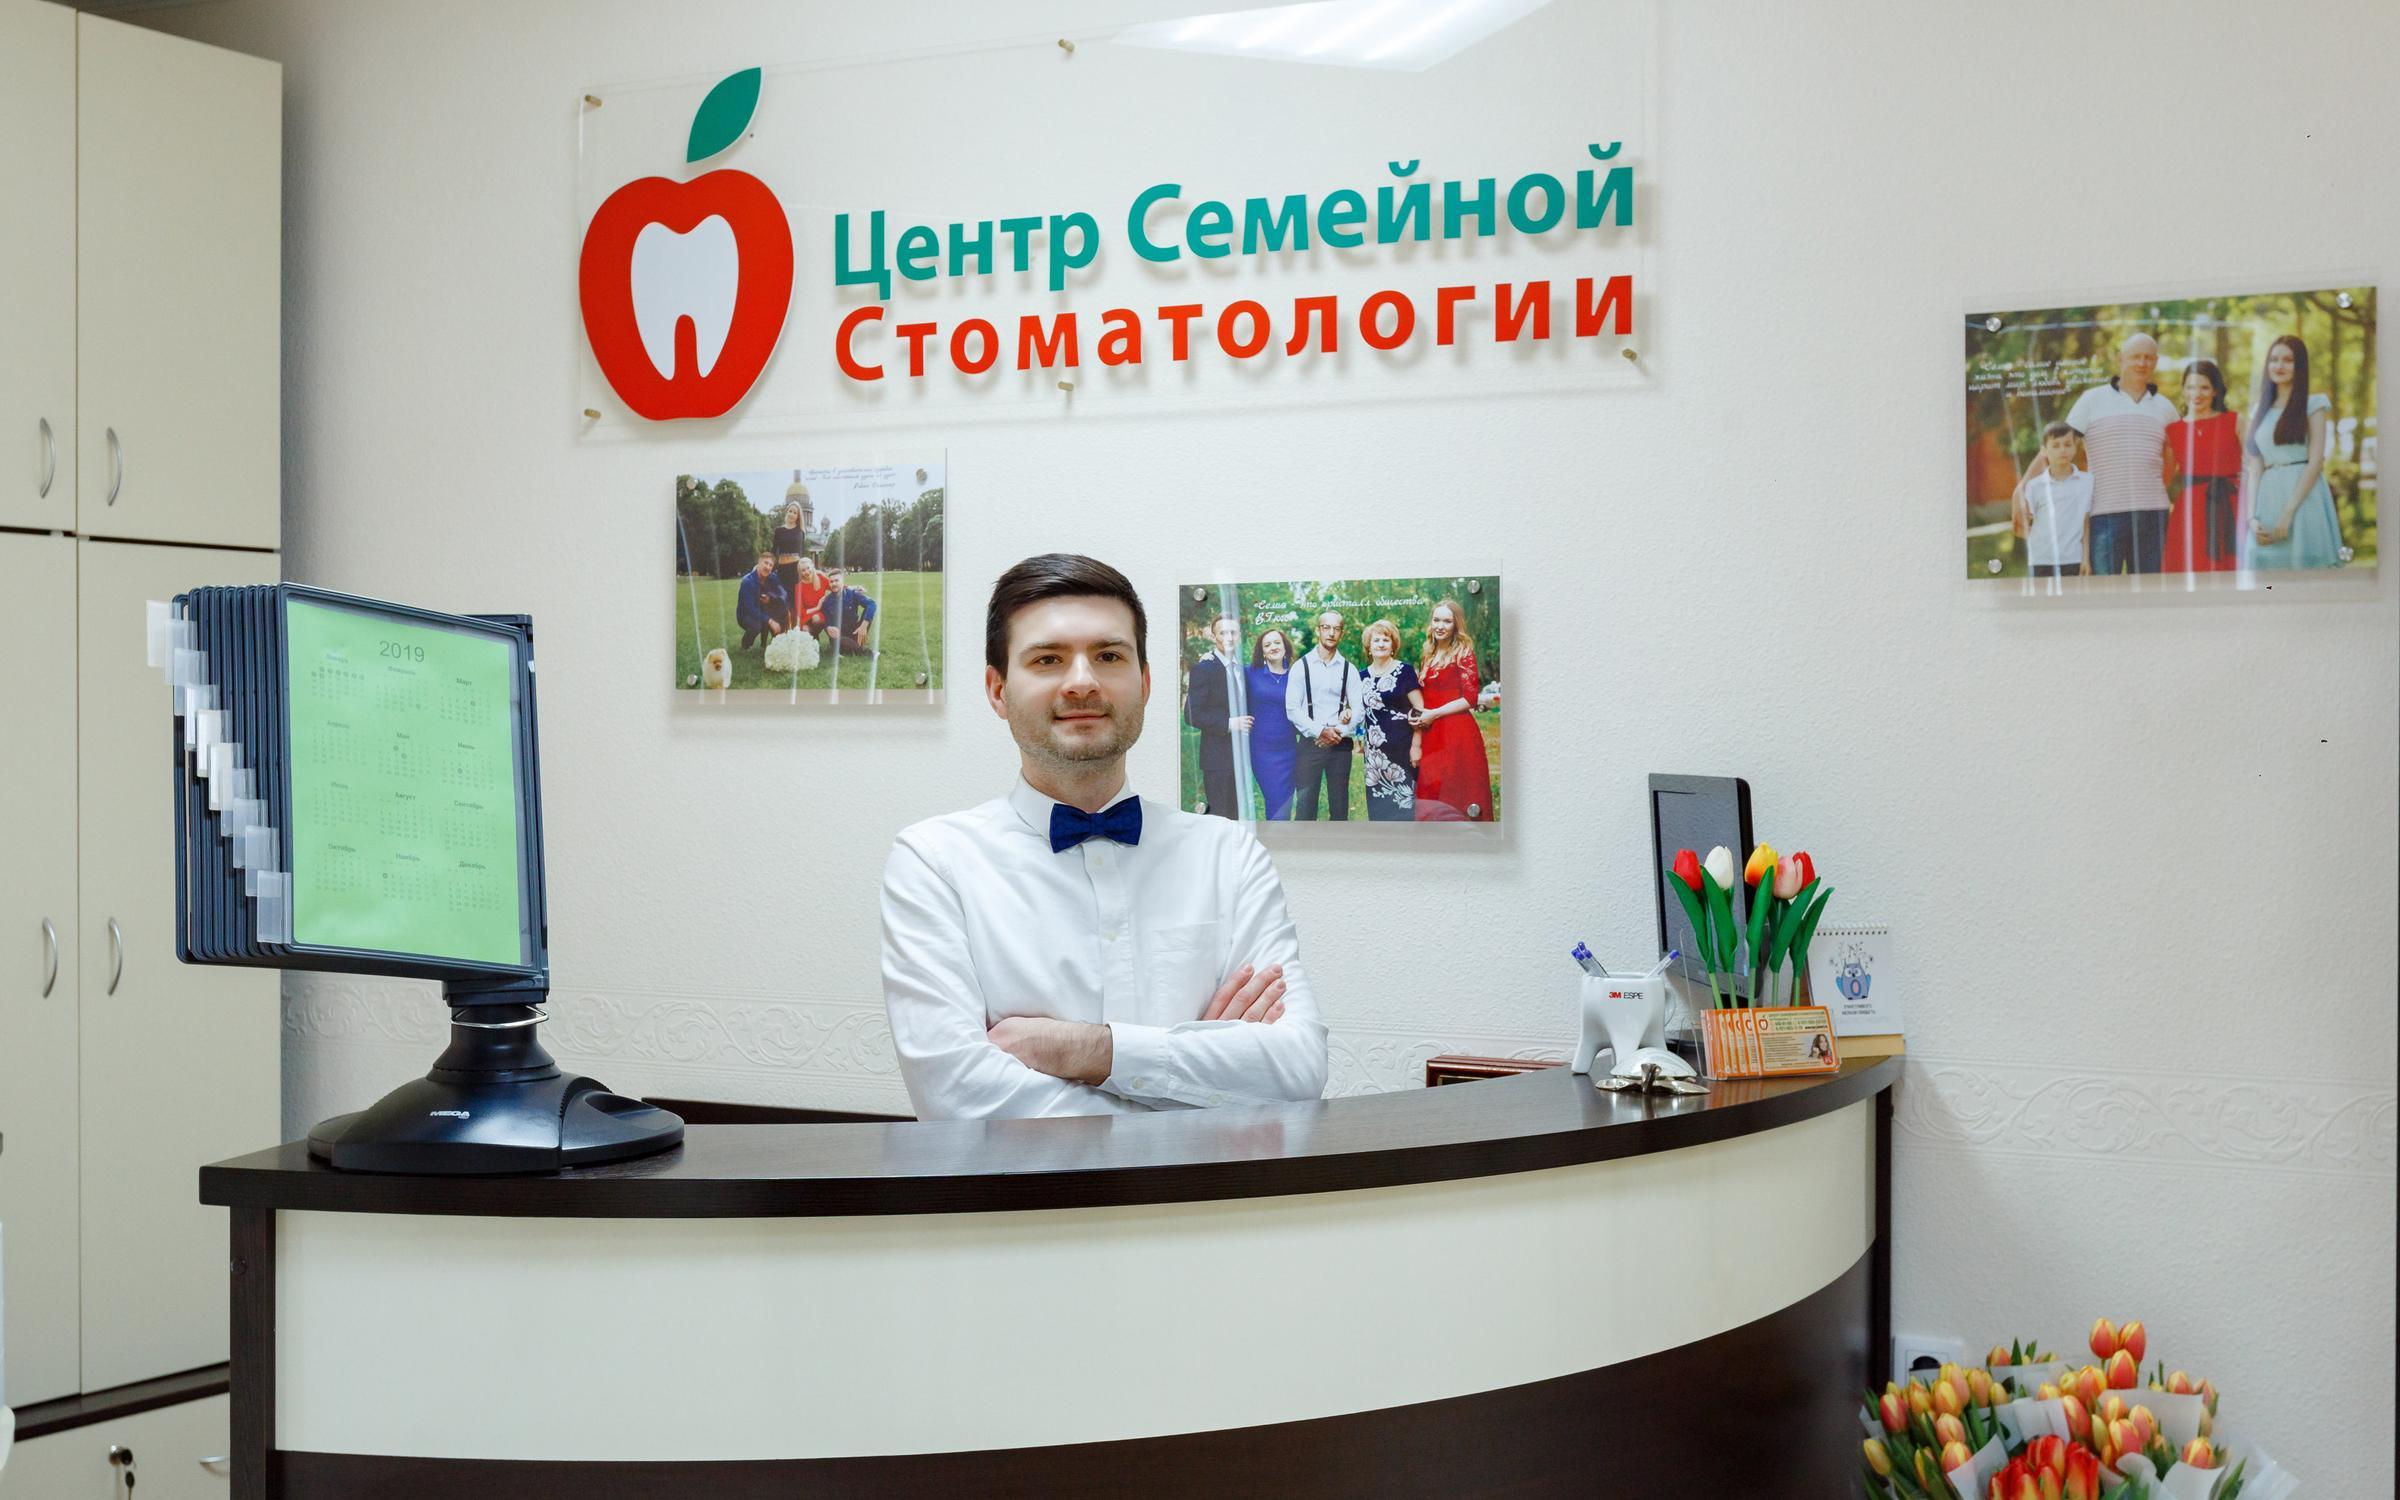 фотография Центра семейной стоматологии на улице Бадаева, 1 к 1